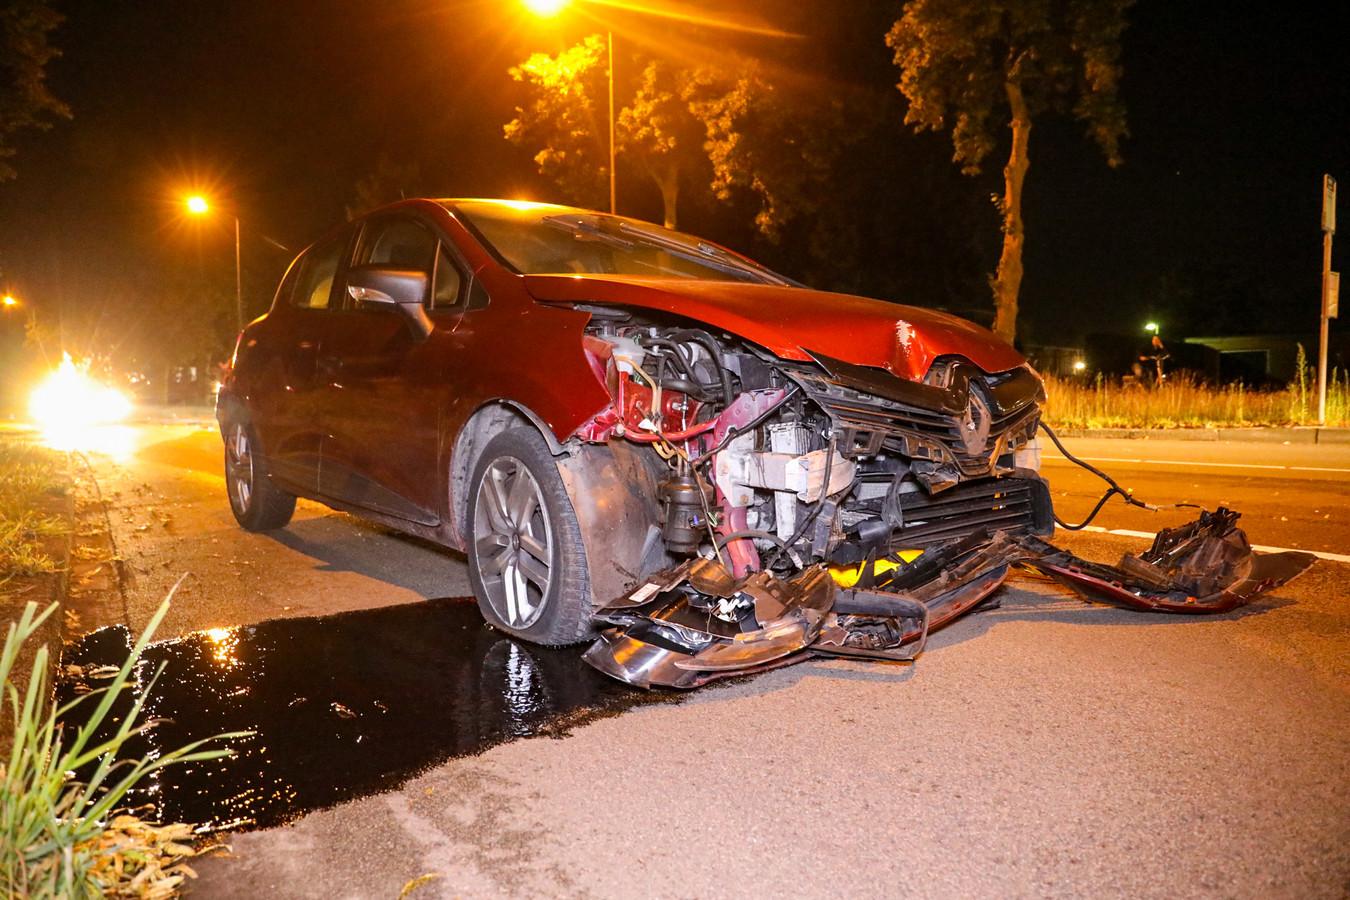 De zwaar beschadigde auto lekte ook veel olie.